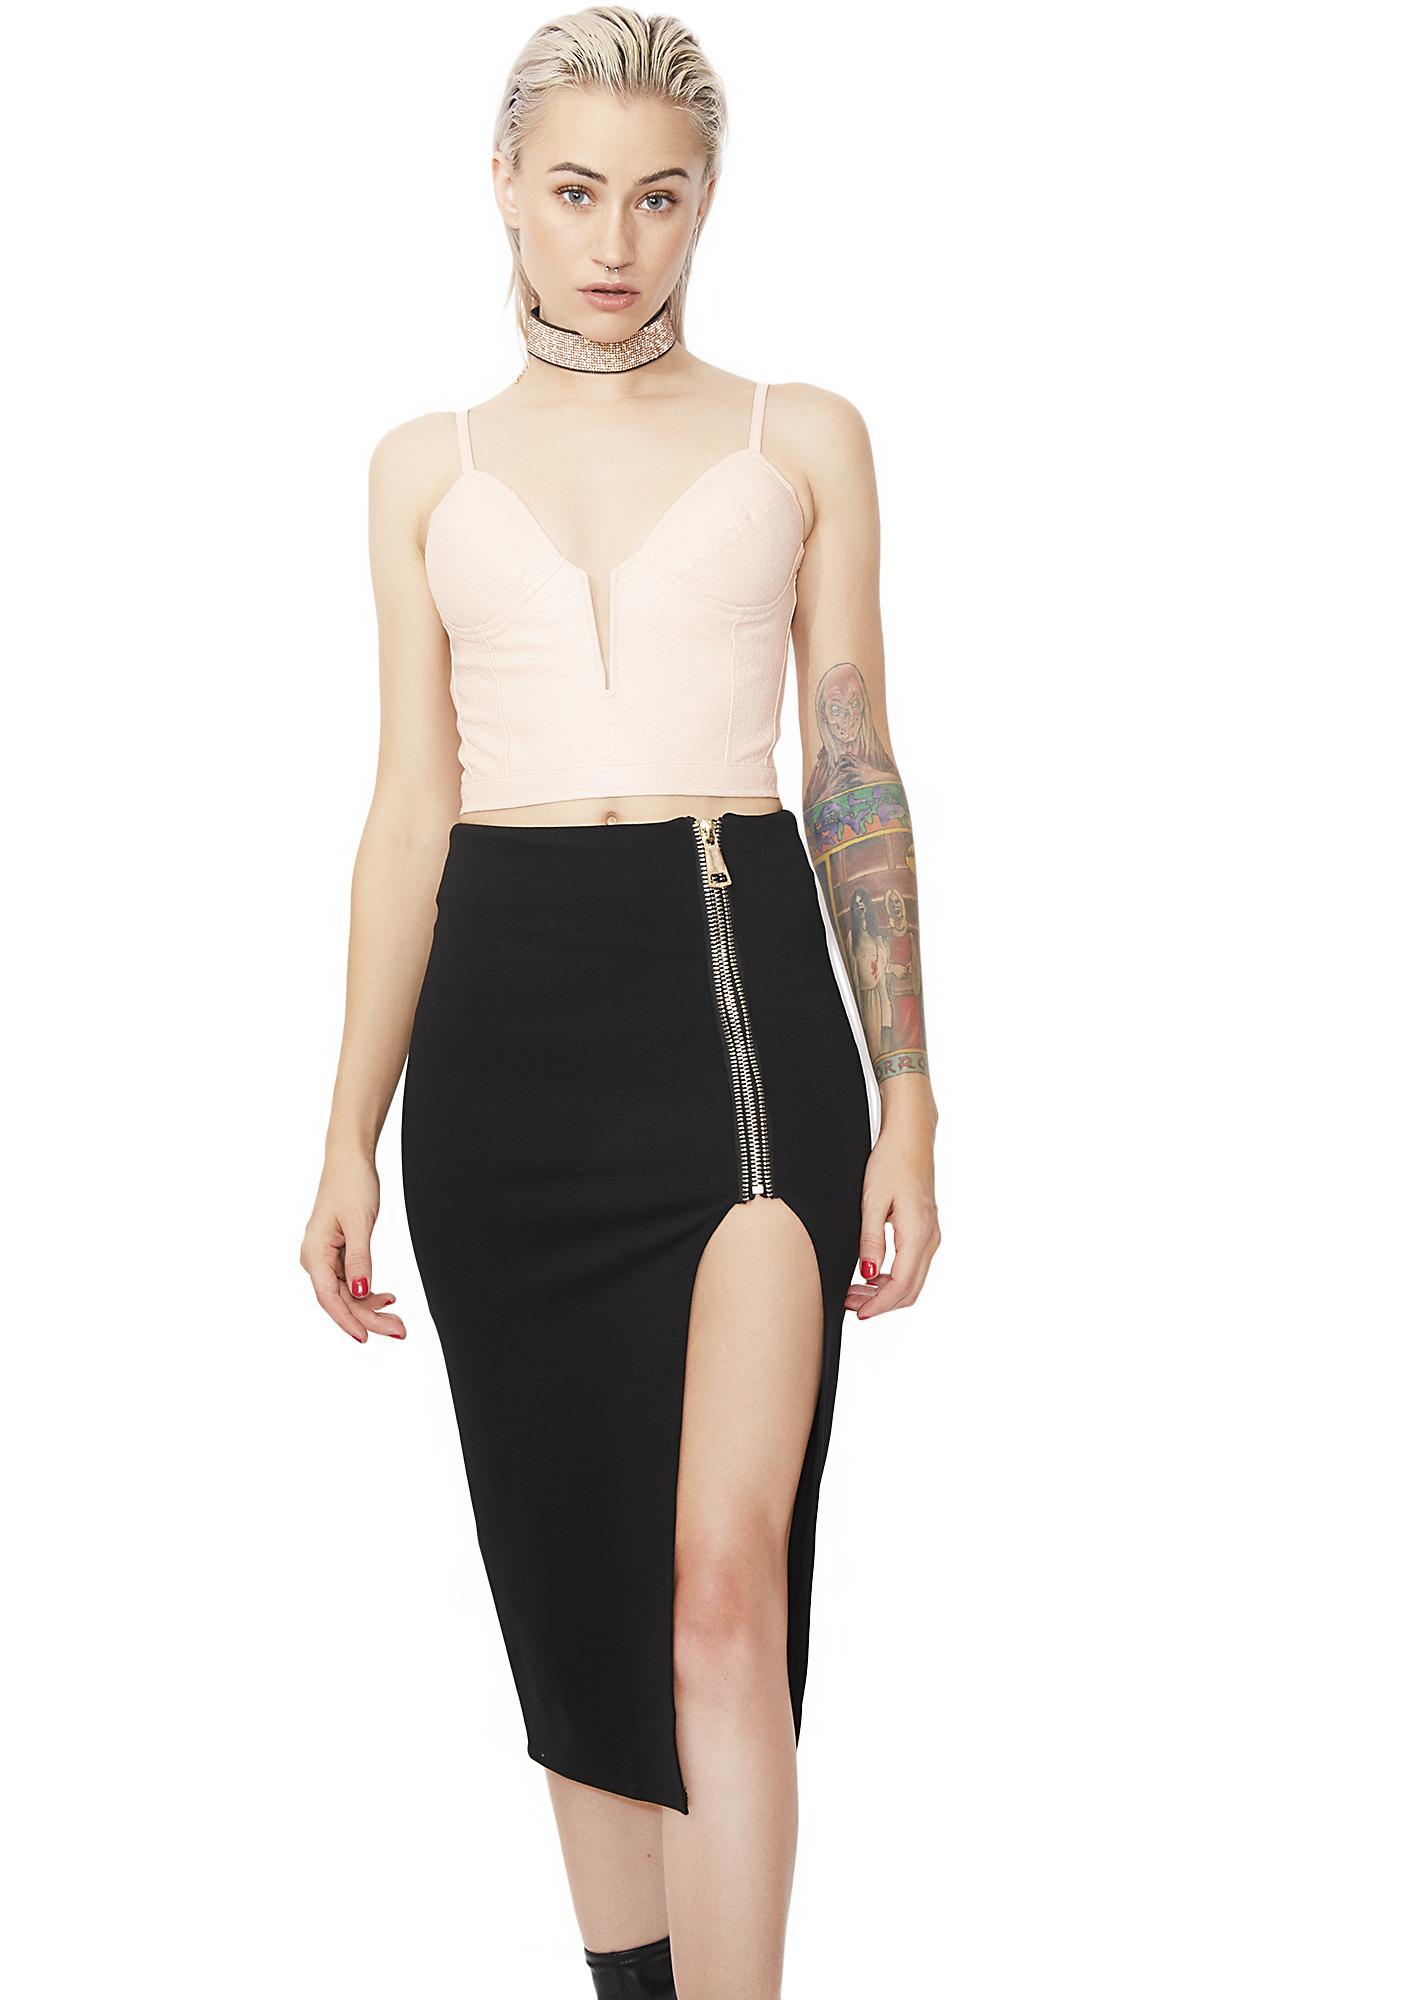 Go Getter Pencil Skirt